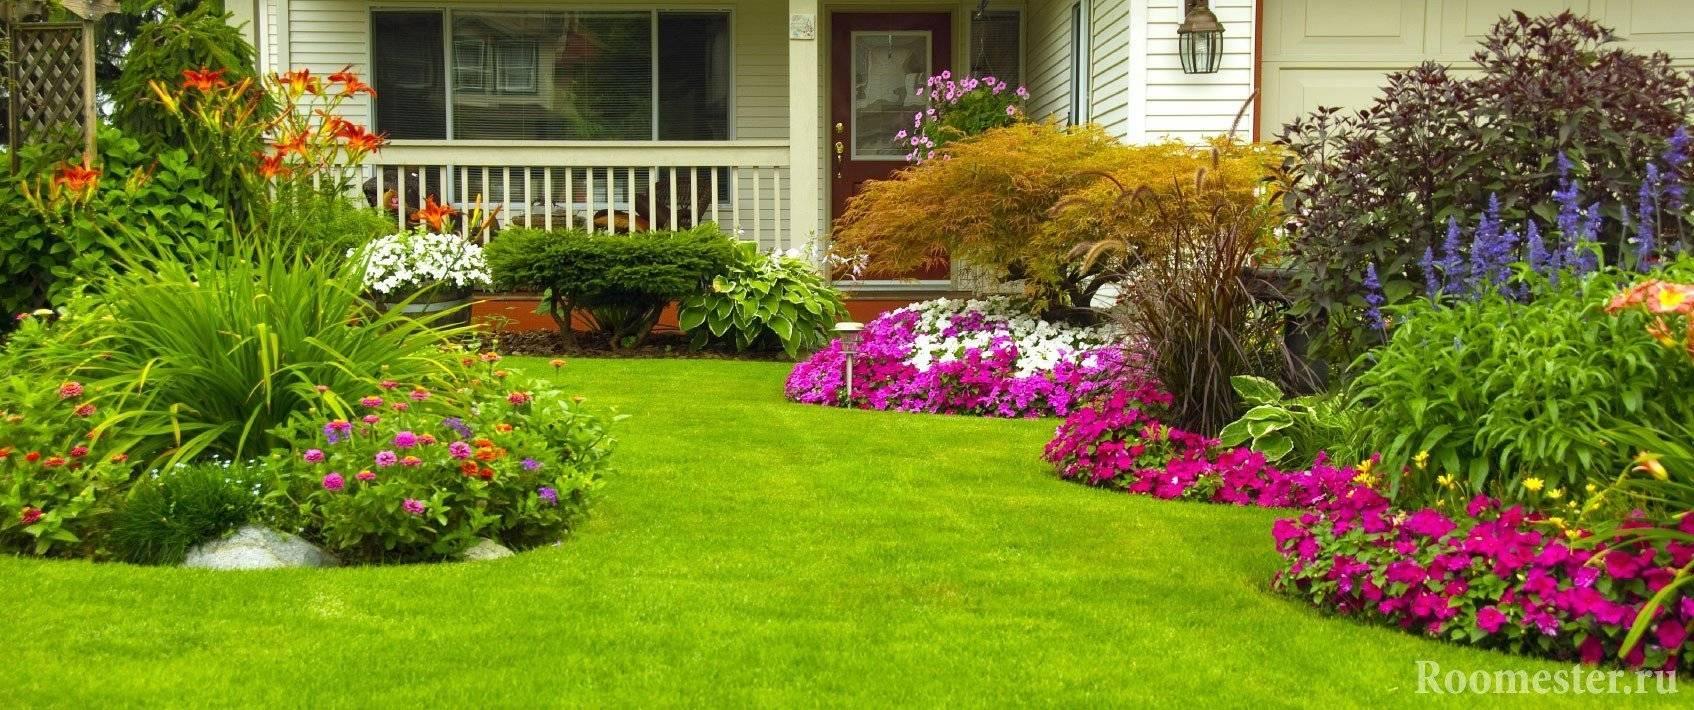 Ландшафтный дизайн загородного дома — примеры оформления